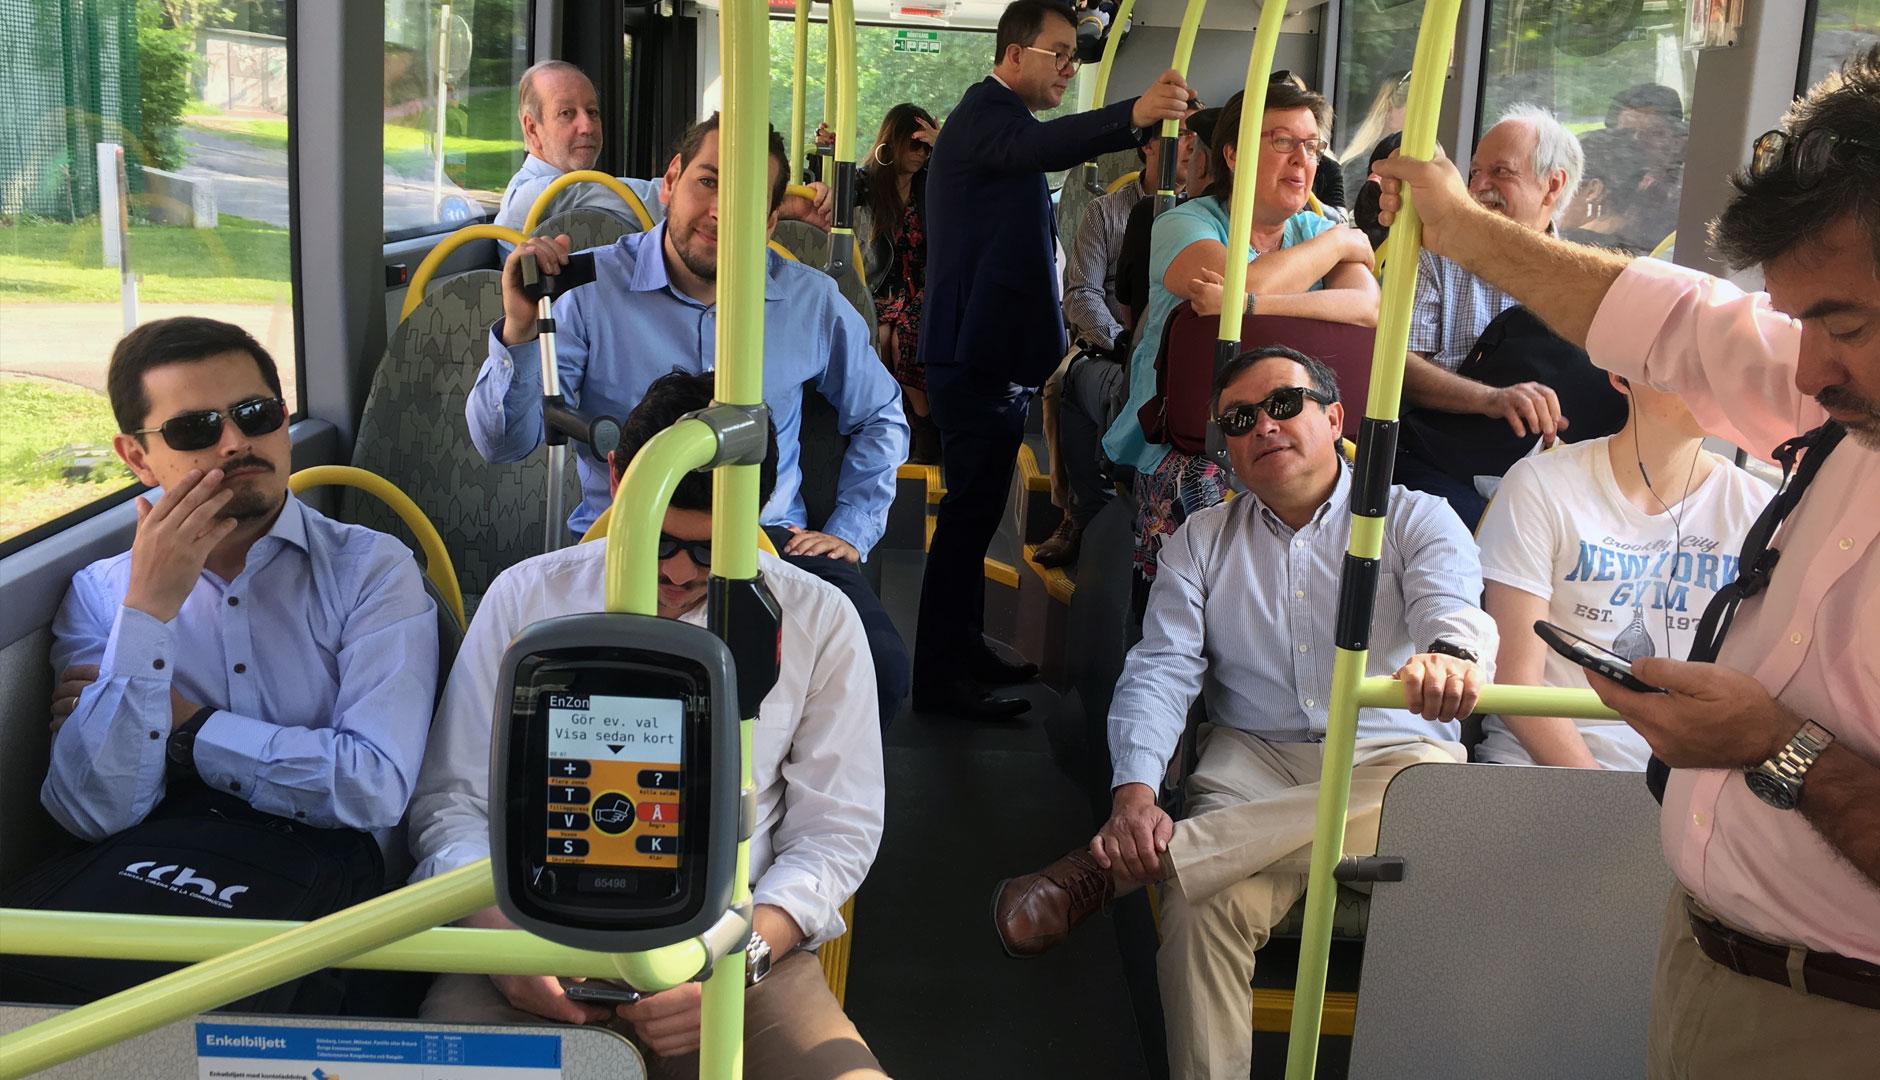 Åktur med den tysta och avgasfria bussen linje 55 besök från chile med Green Gothenburg